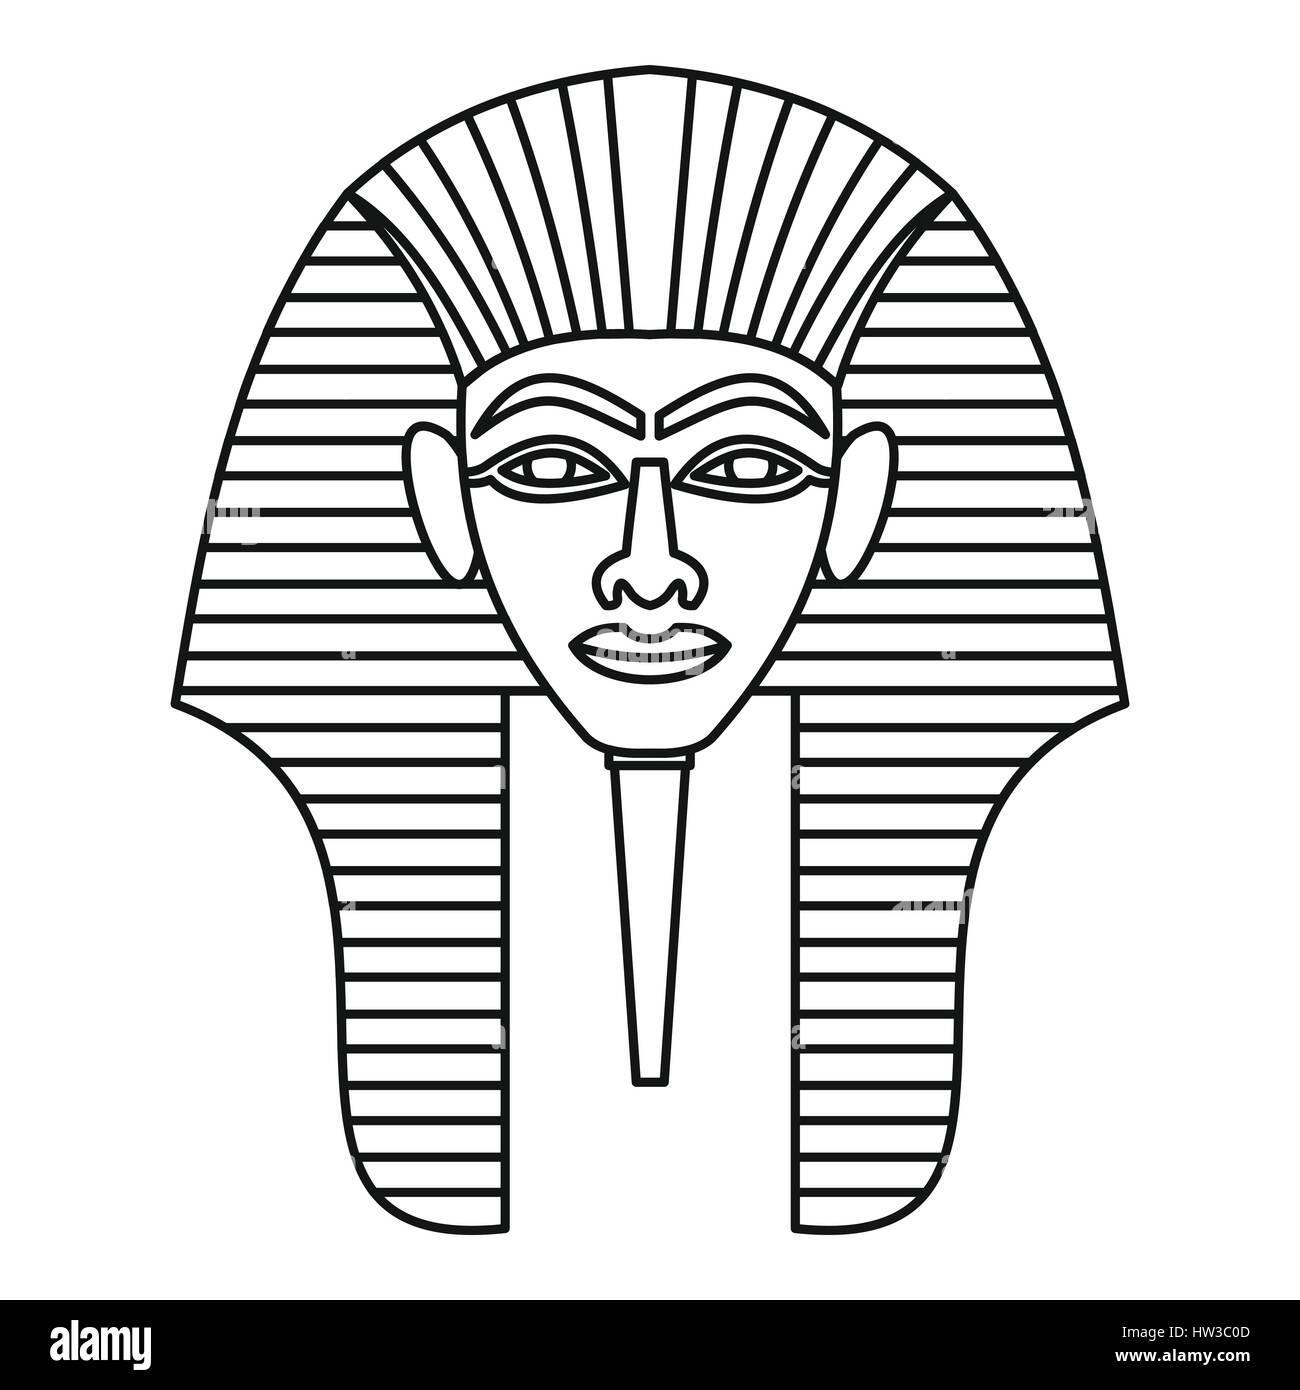 Tolle ägyptische Masken Vorlagen Galerie - Entry Level Resume ...